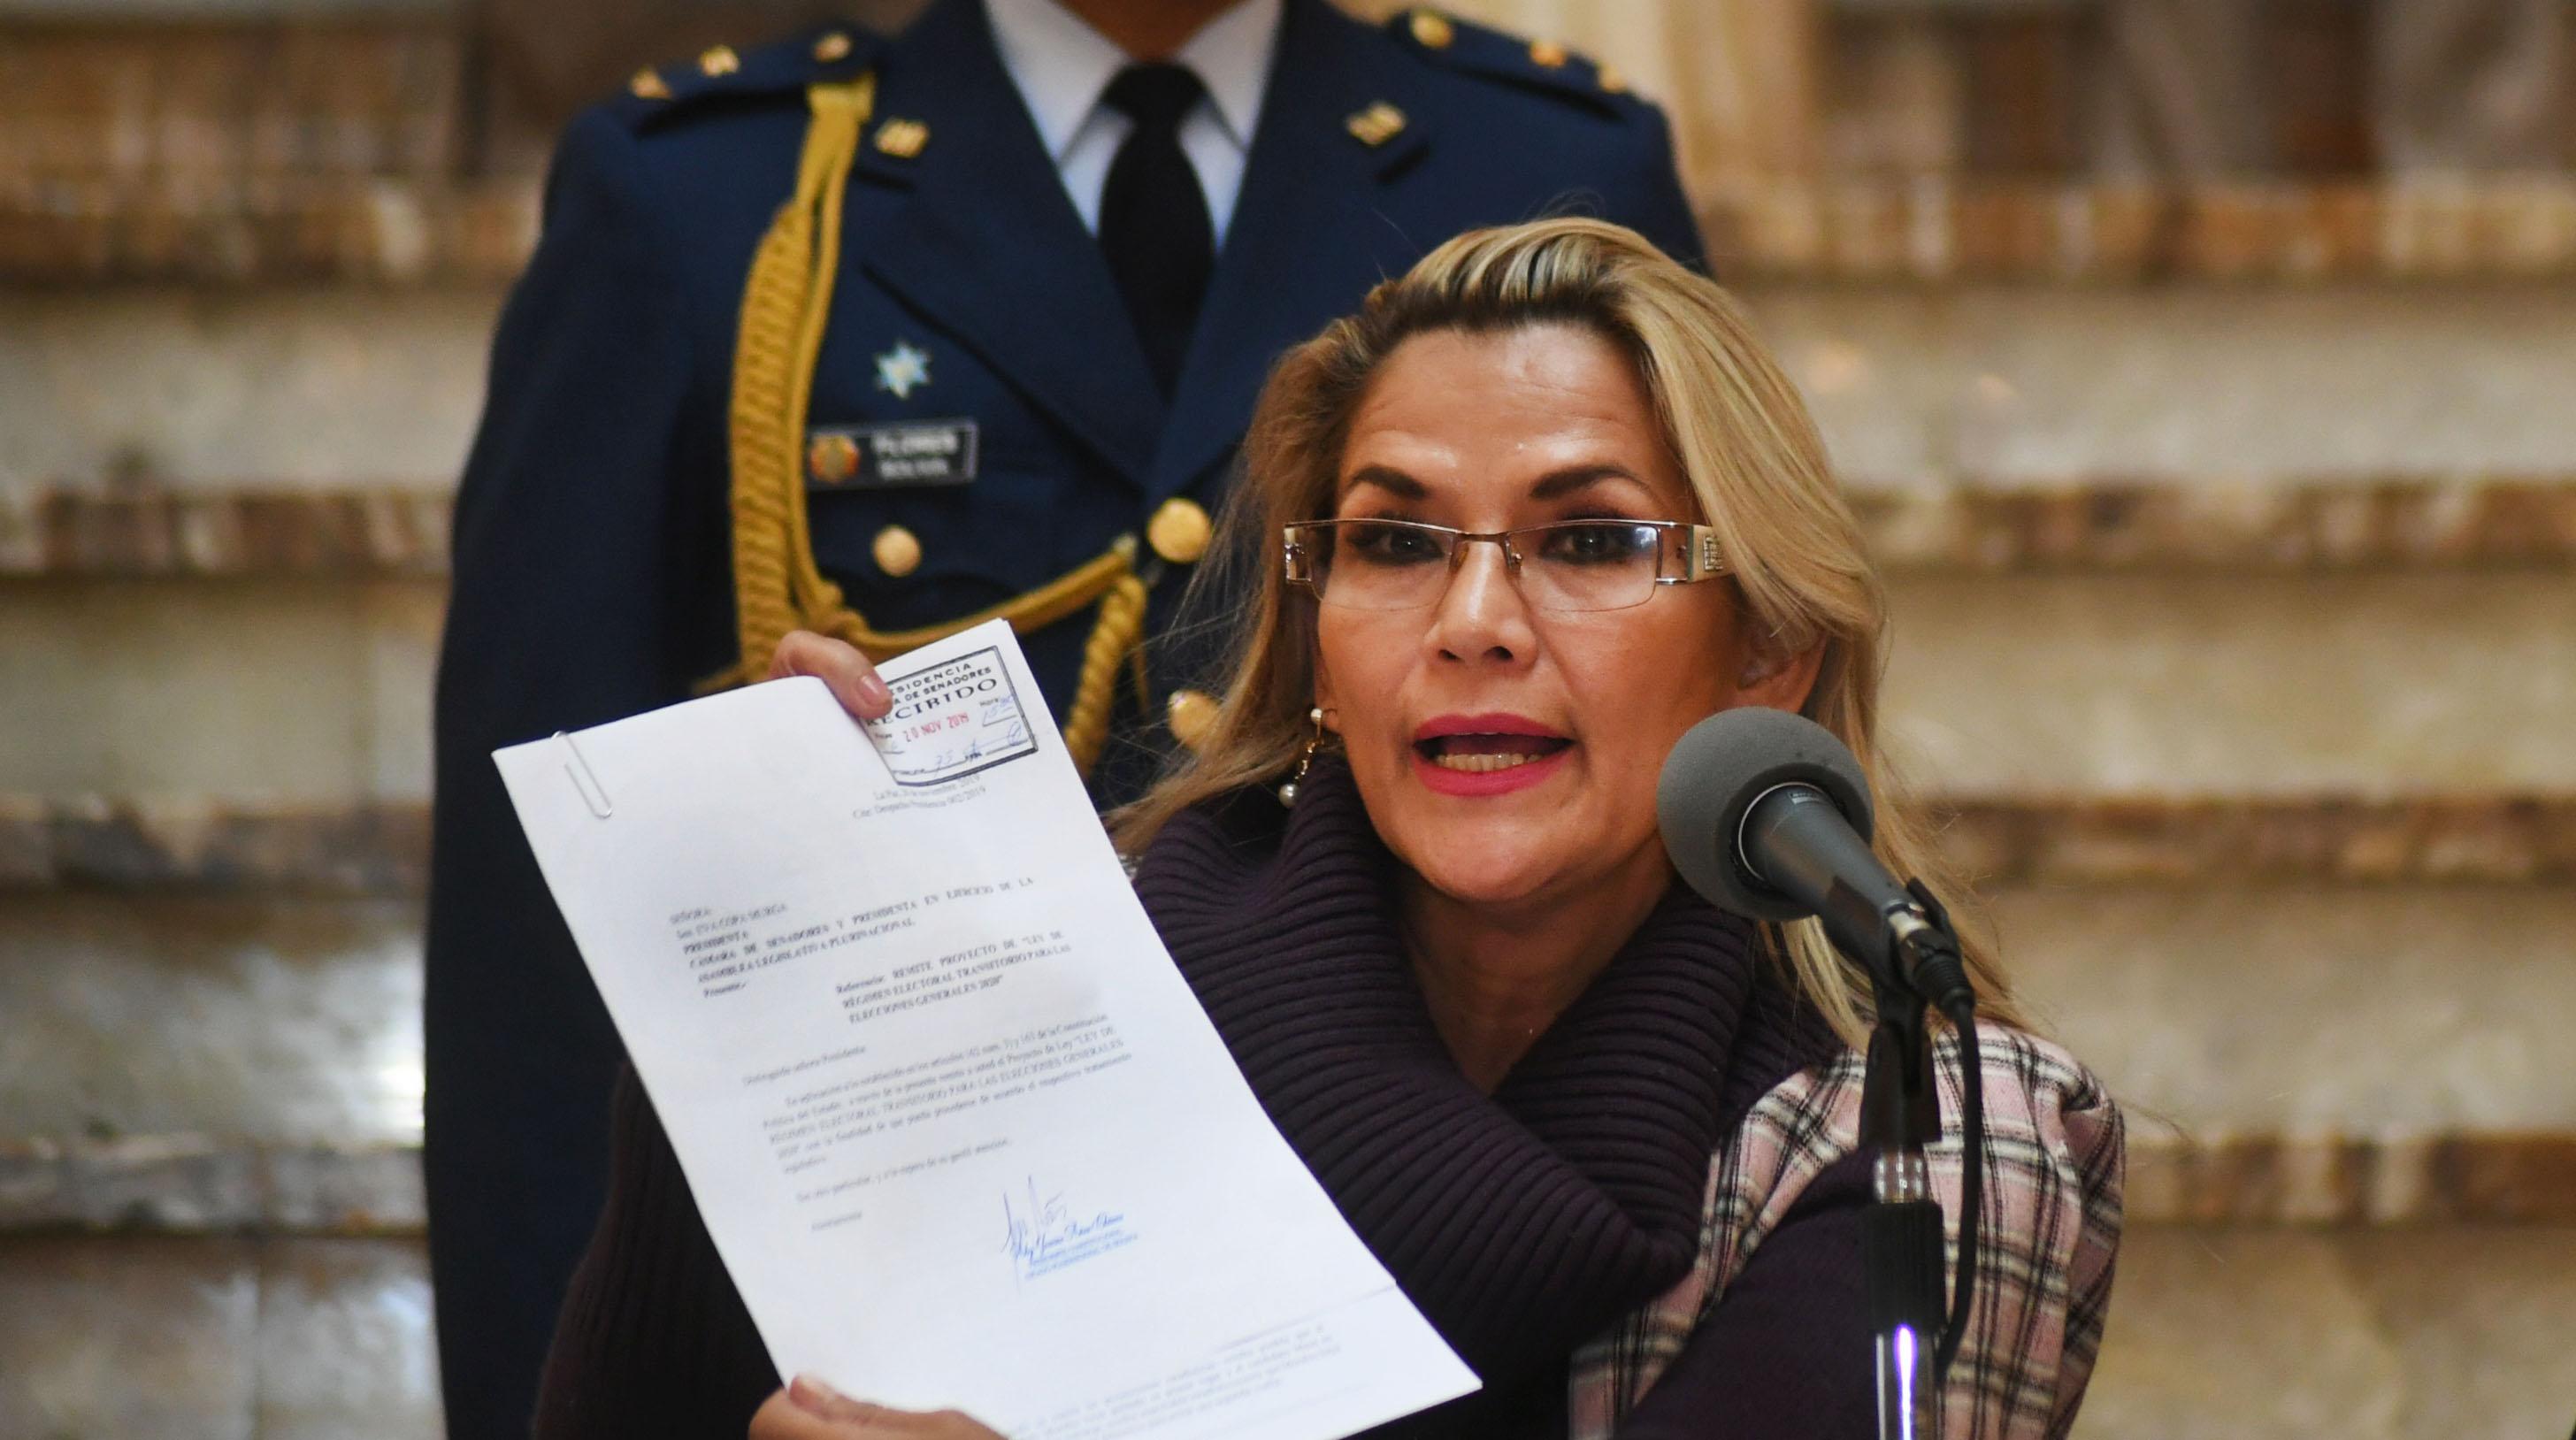 IMAGEM: OEA pede informações sobre saúde de ex-presidente boliviana presa